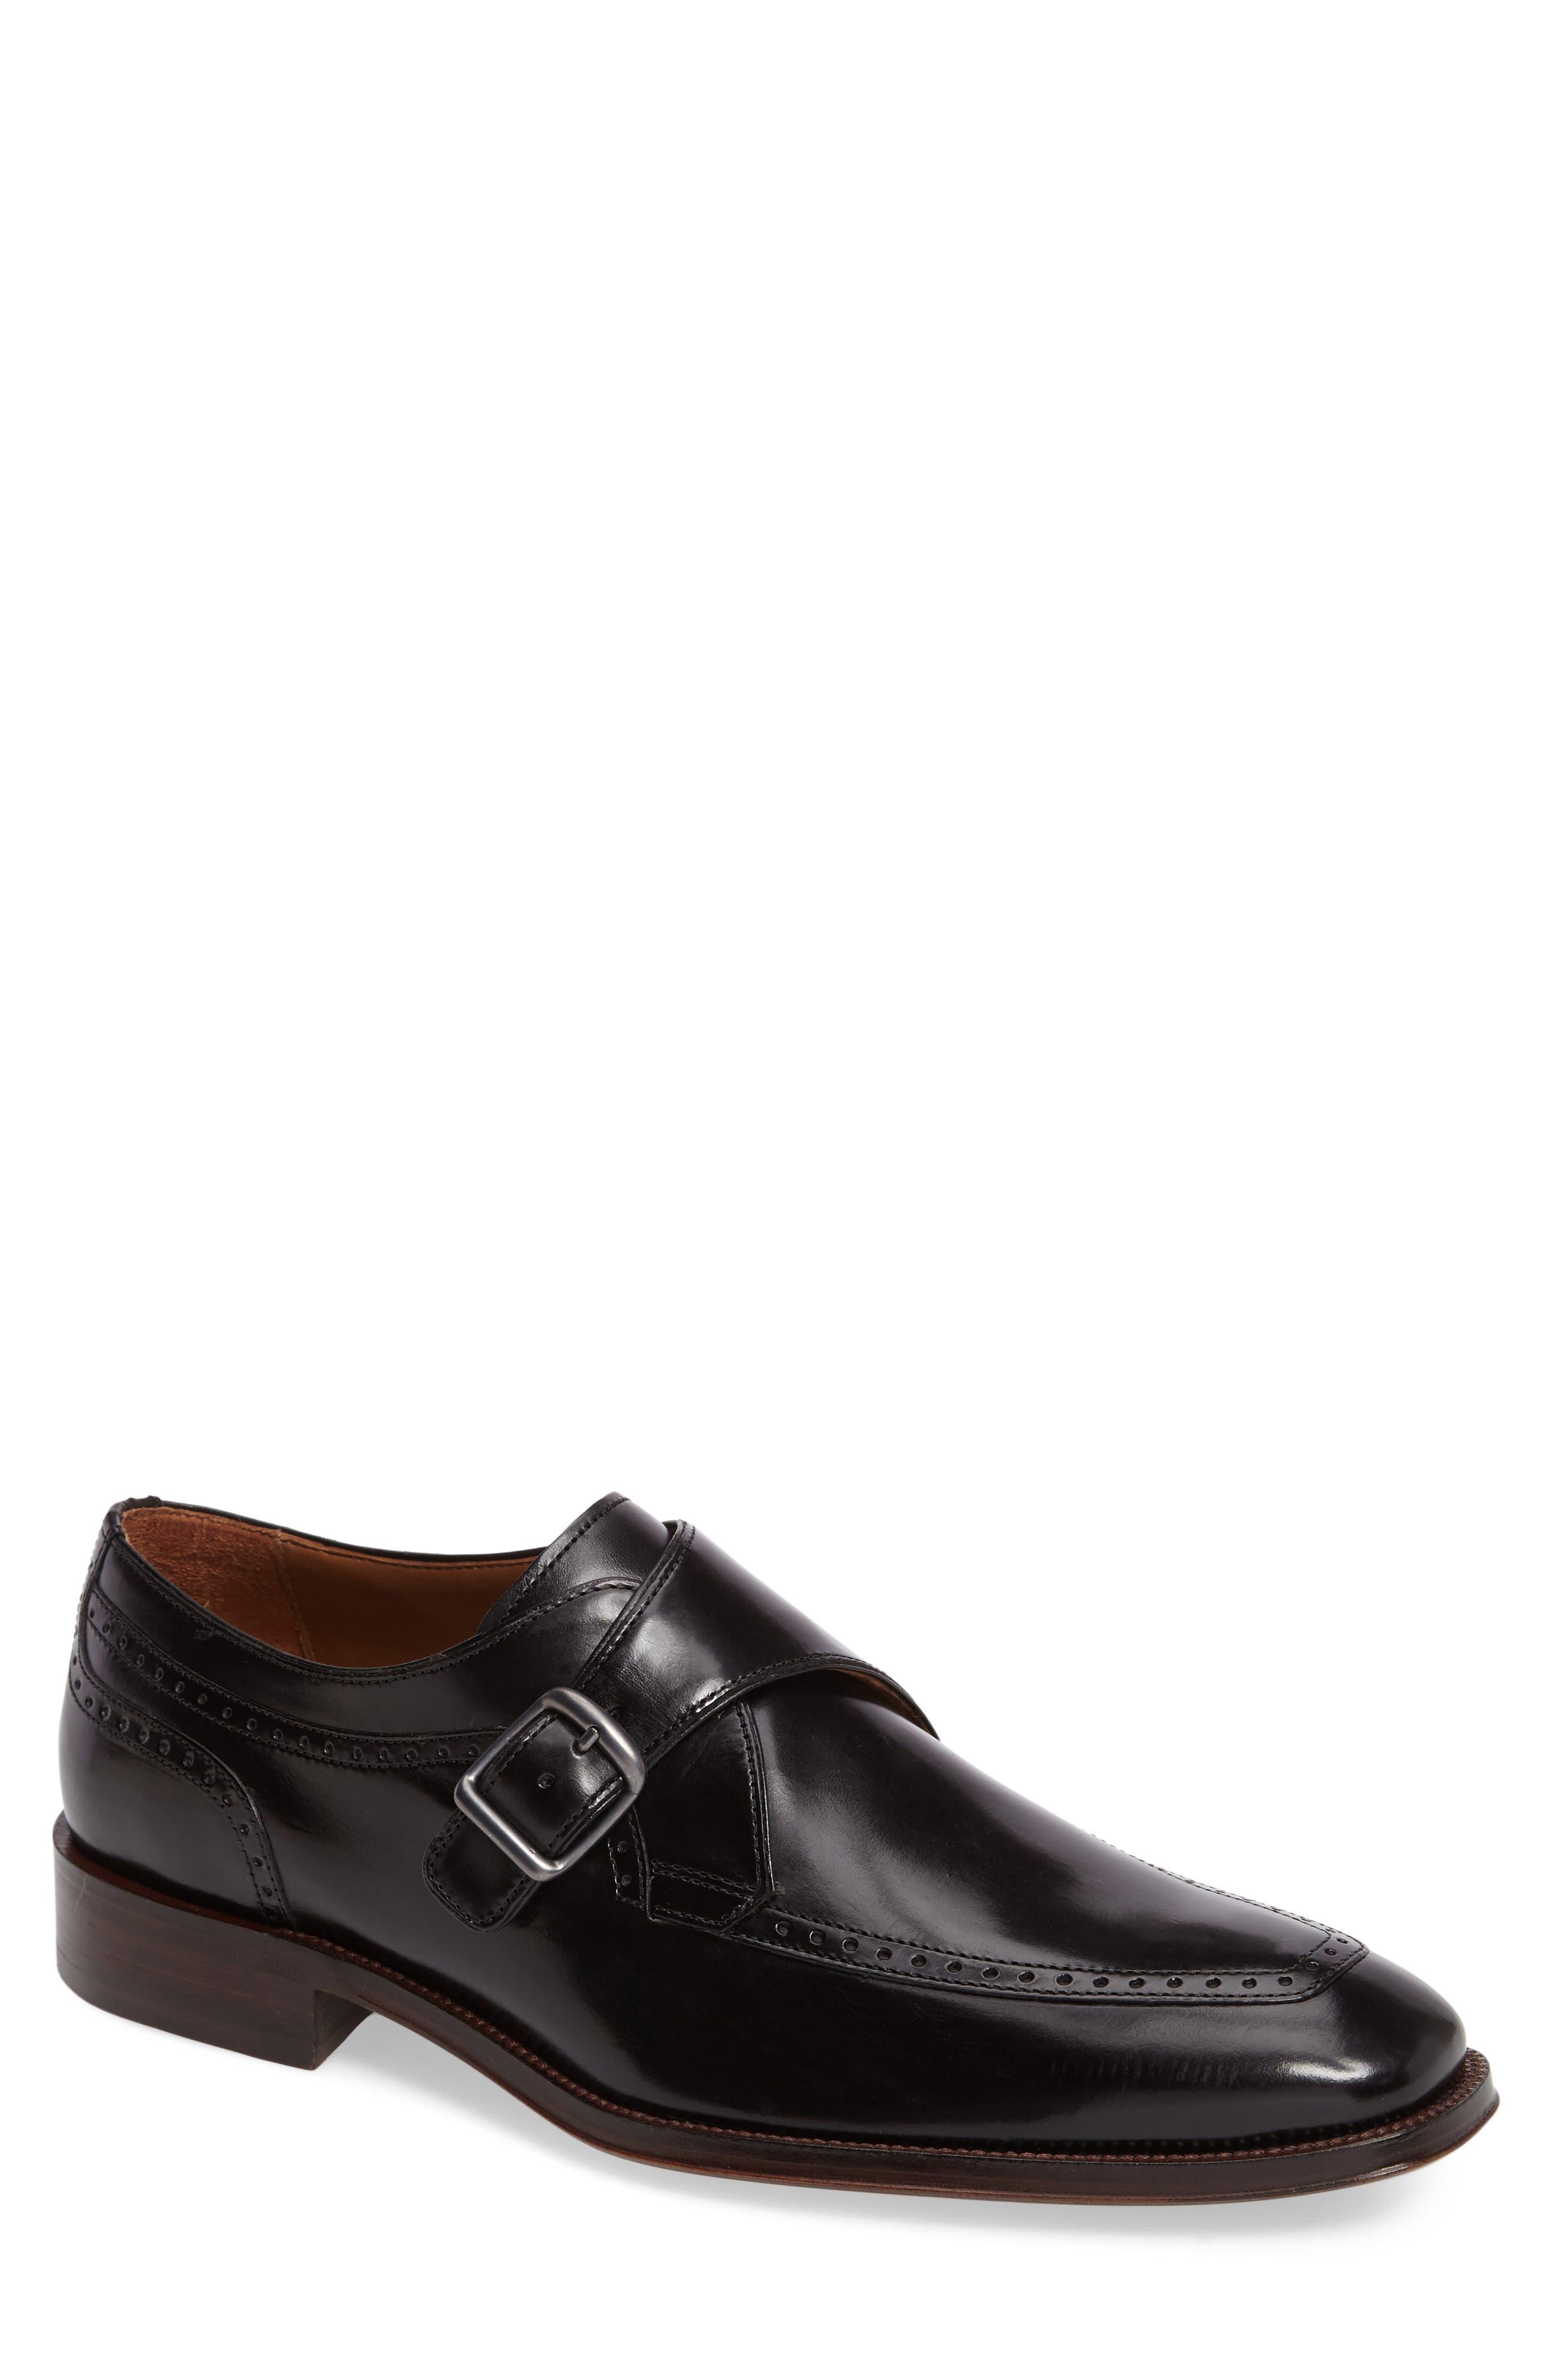 Boydstun Monk Strap Shoe,                             Main thumbnail 1, color,                             001